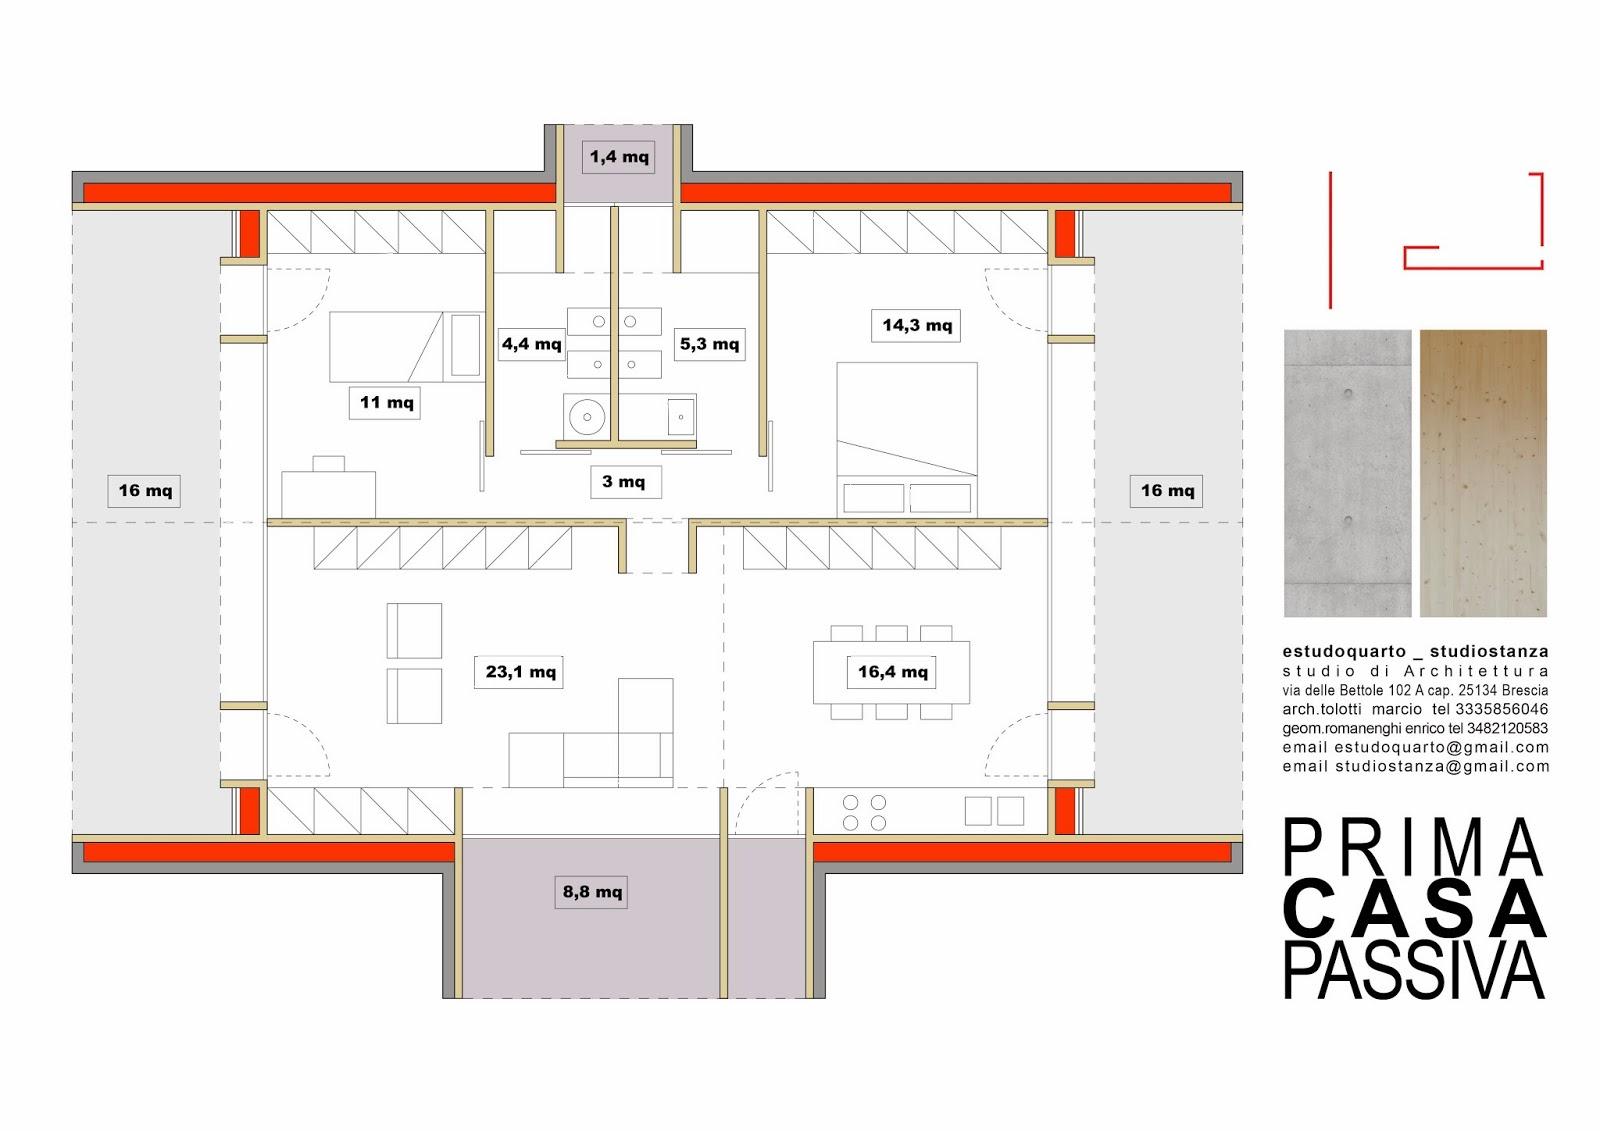 Prima casa passiva studio di architettura a verona case - Costo impianto idraulico casa 100 mq ...